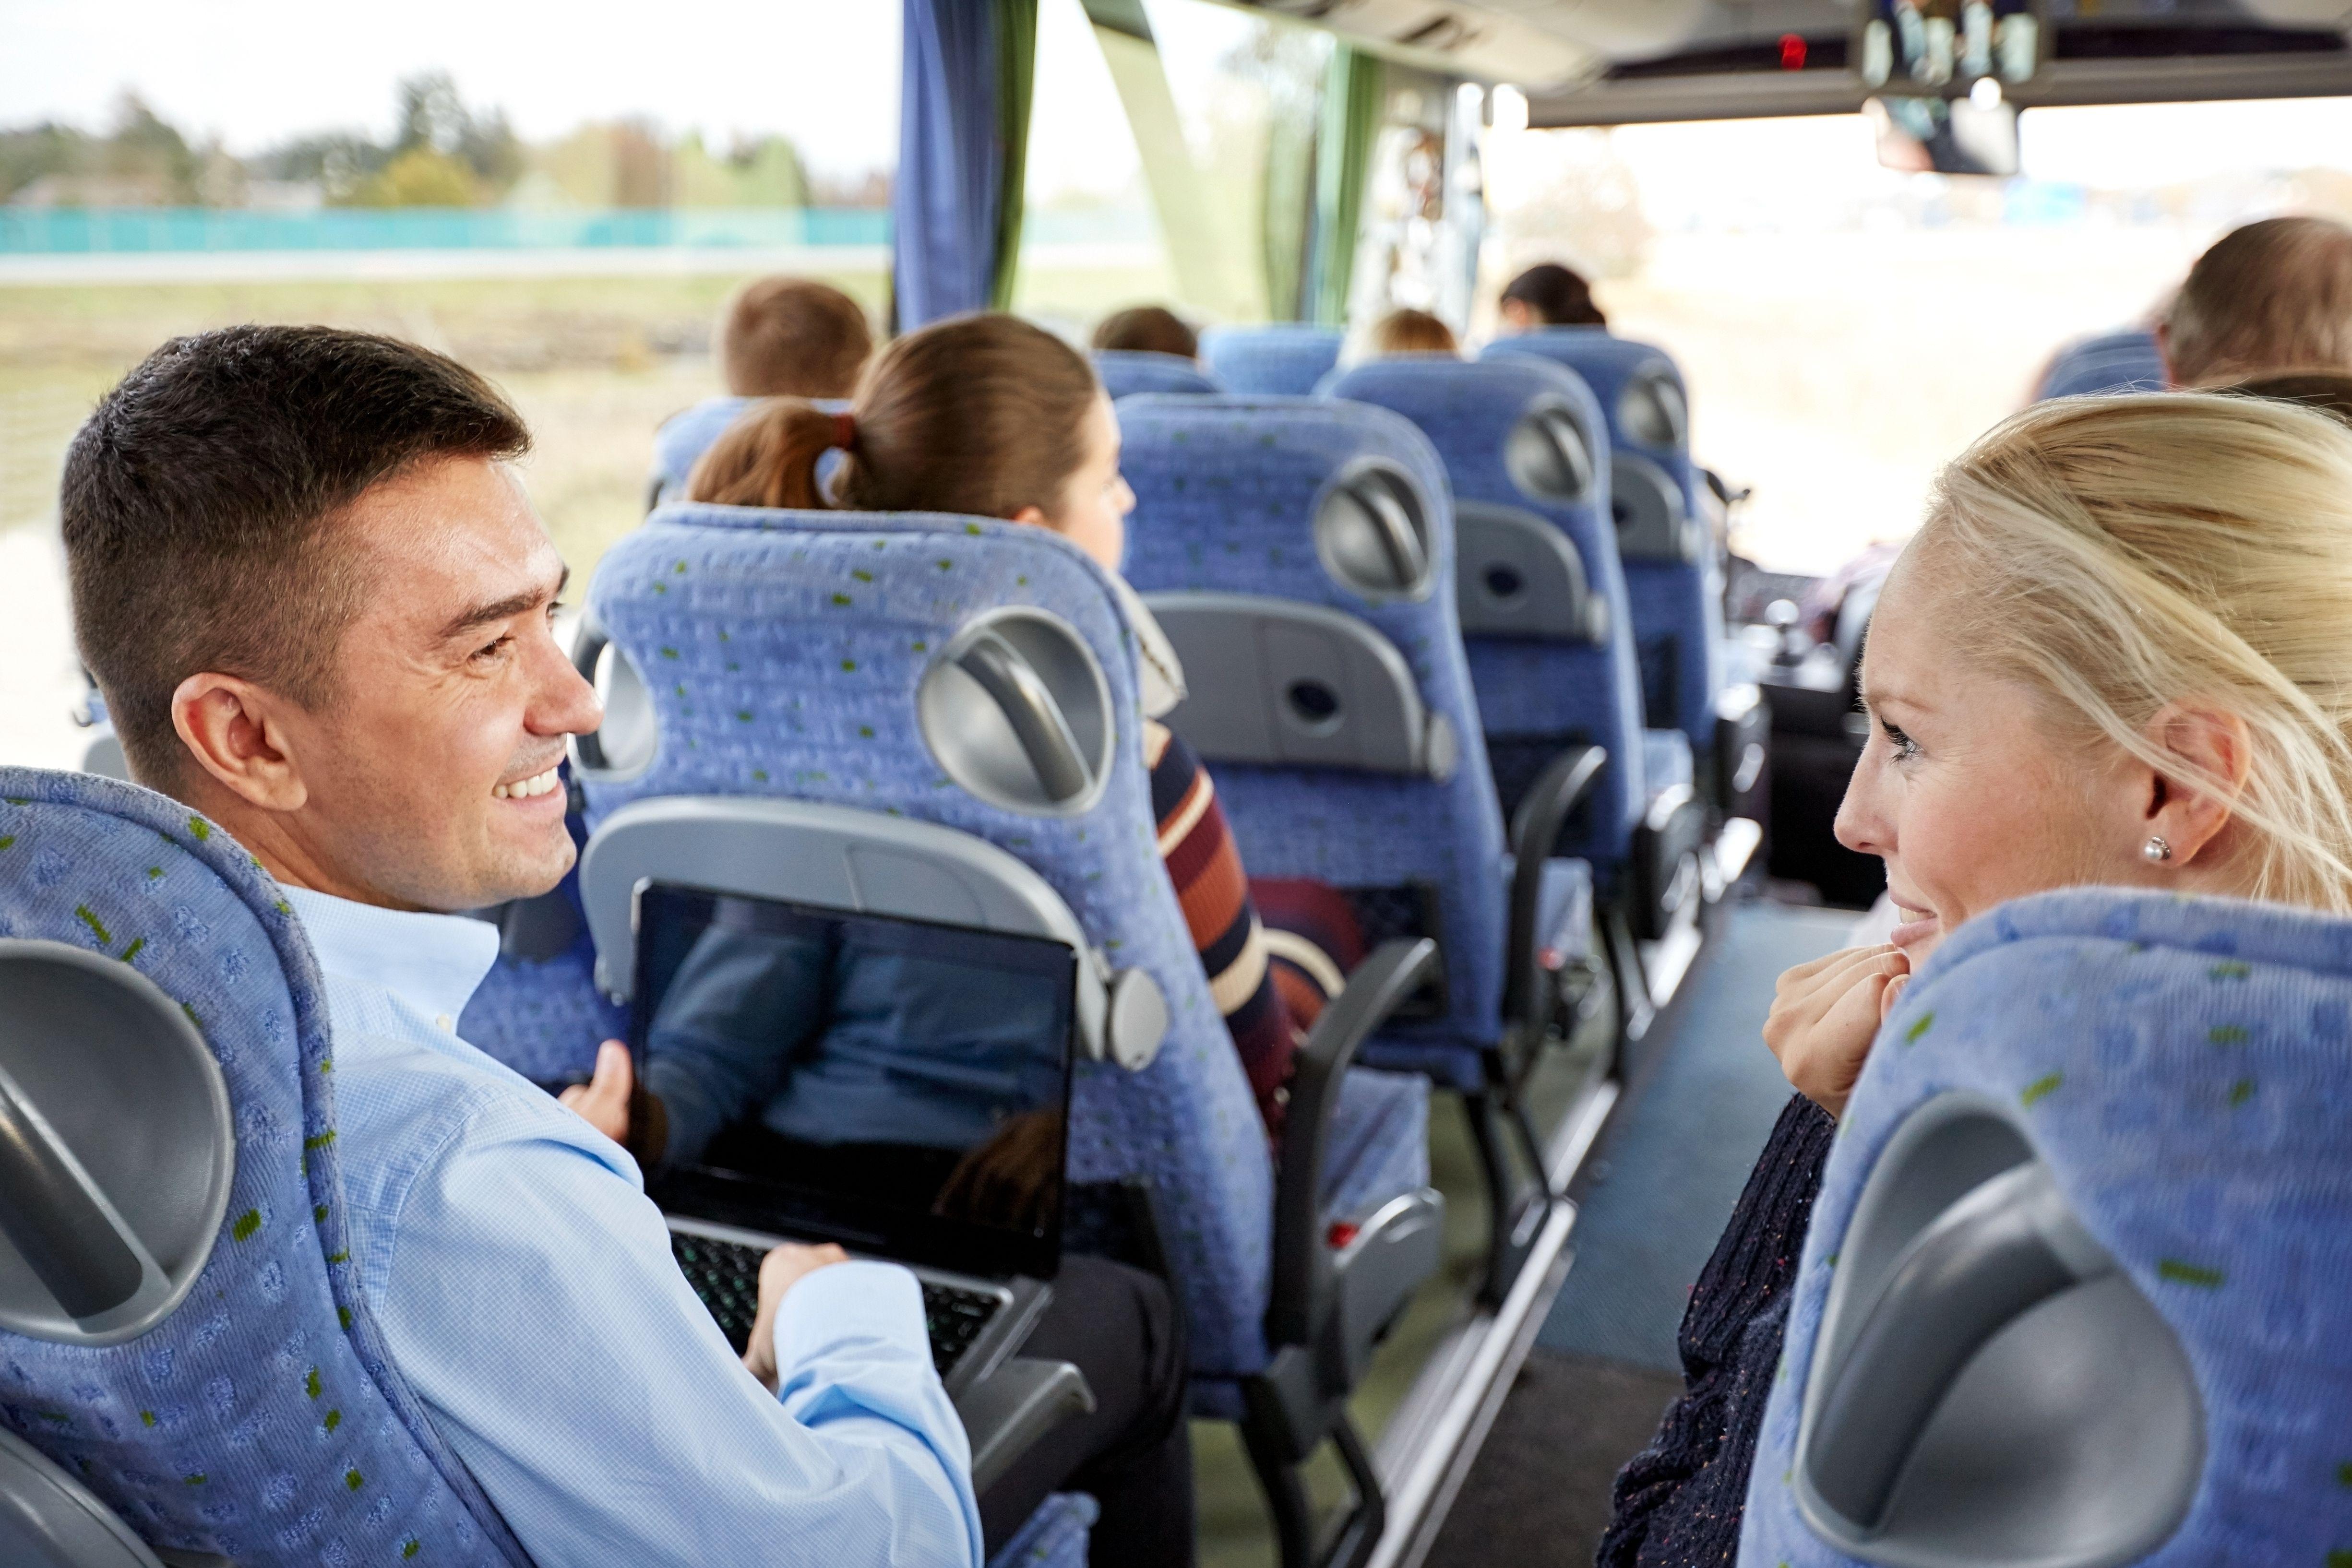 Alquiler de autobuses para excursiones en Algemesi Valencia